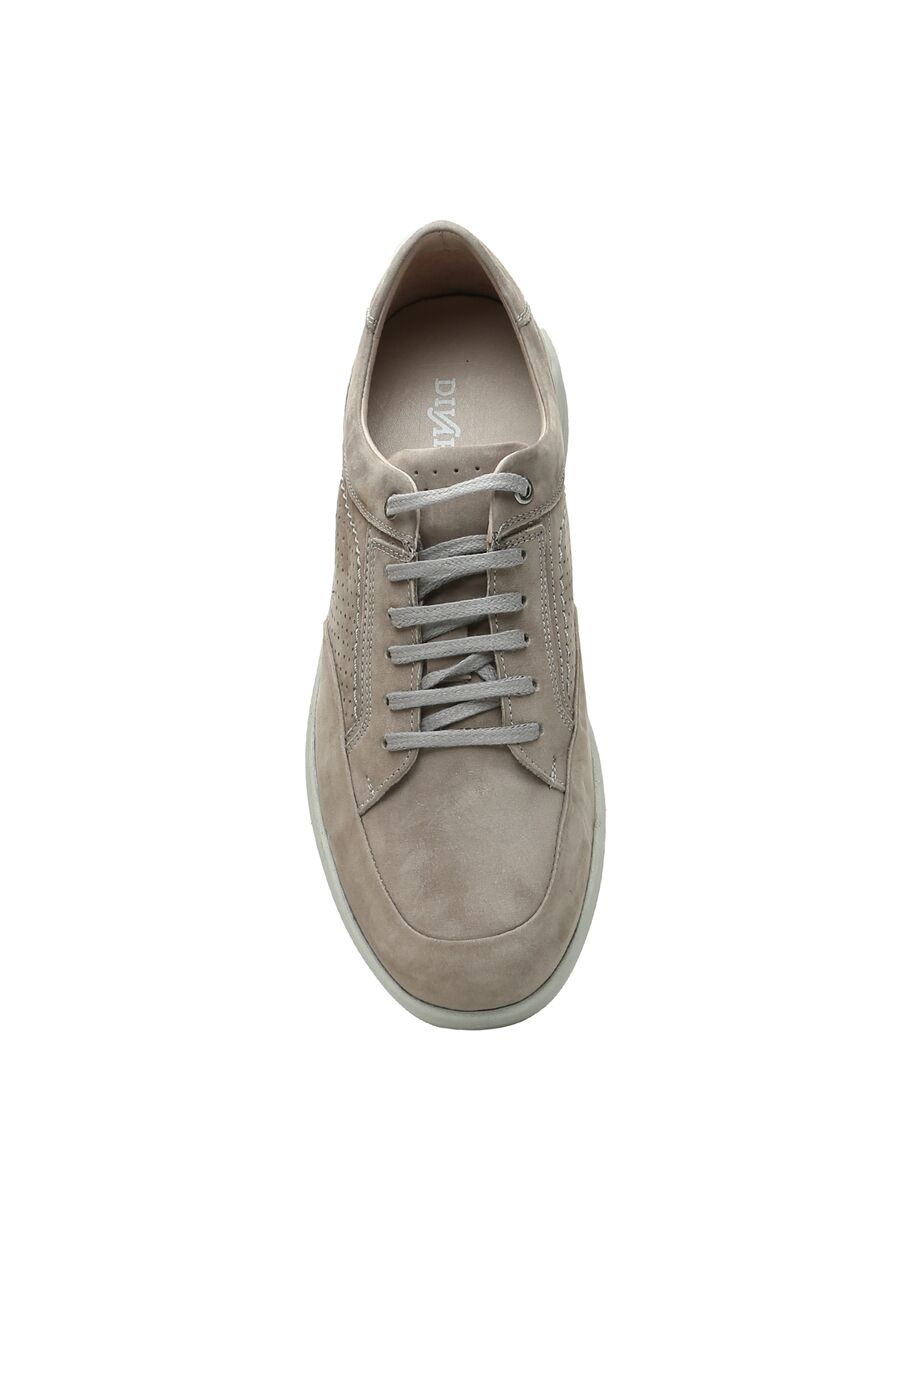 Gri Nubuk Erkek Ayakkabı